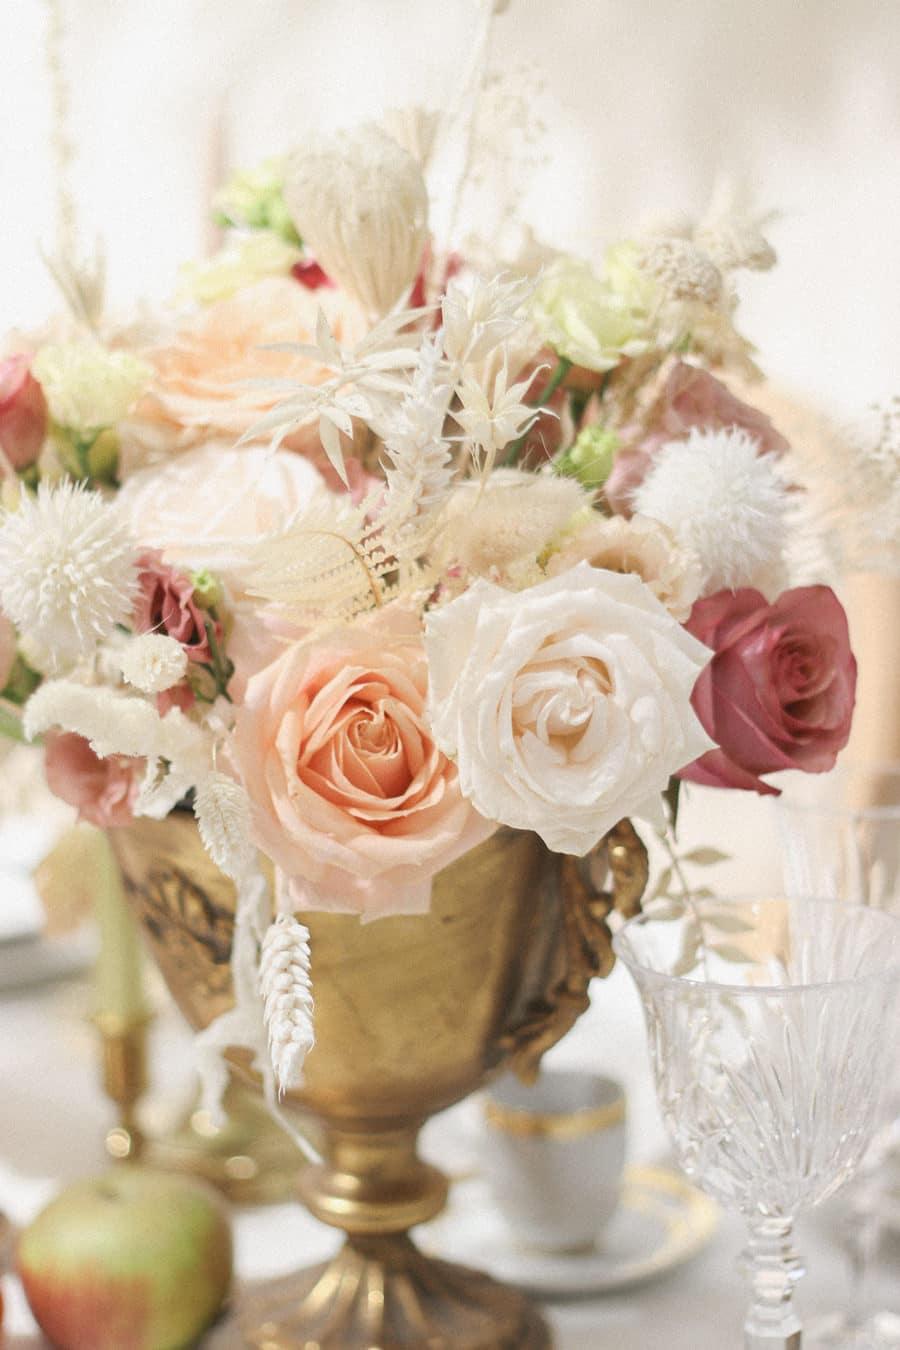 tendances florales mariage 2022-2023